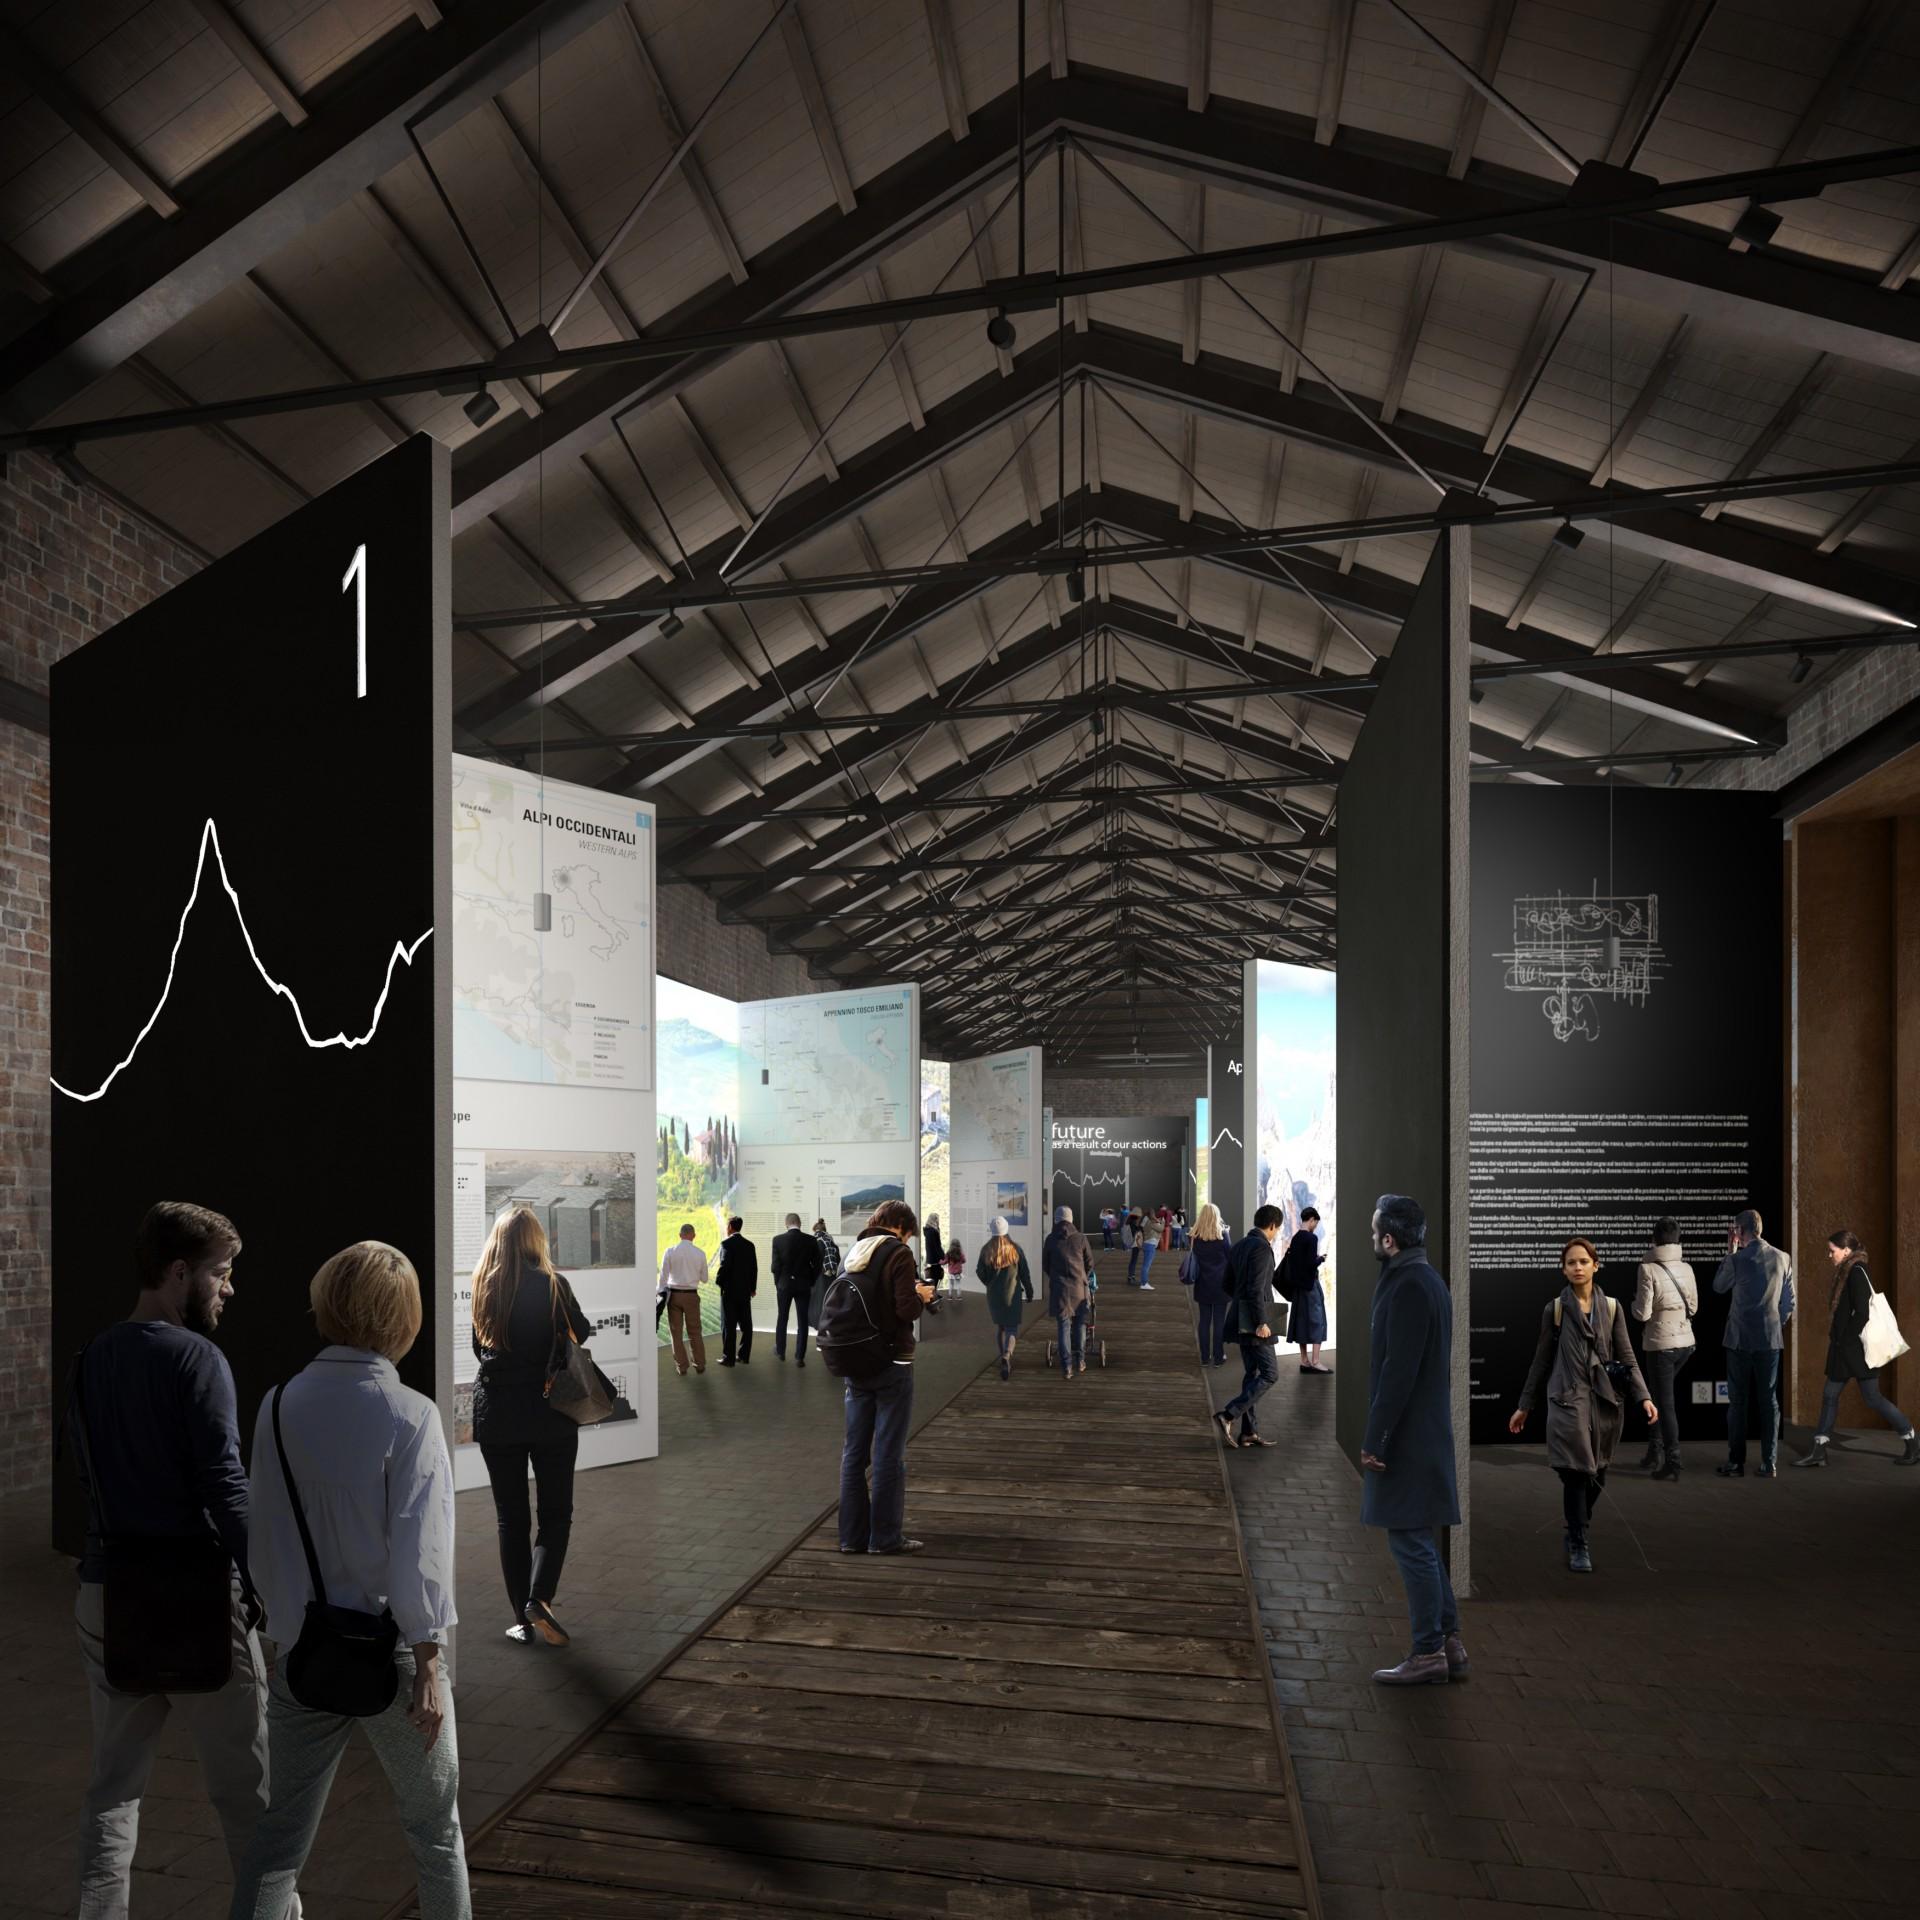 Mario cucinella e arcipelago italia alla biennale di for Biennale di architettura di venezia